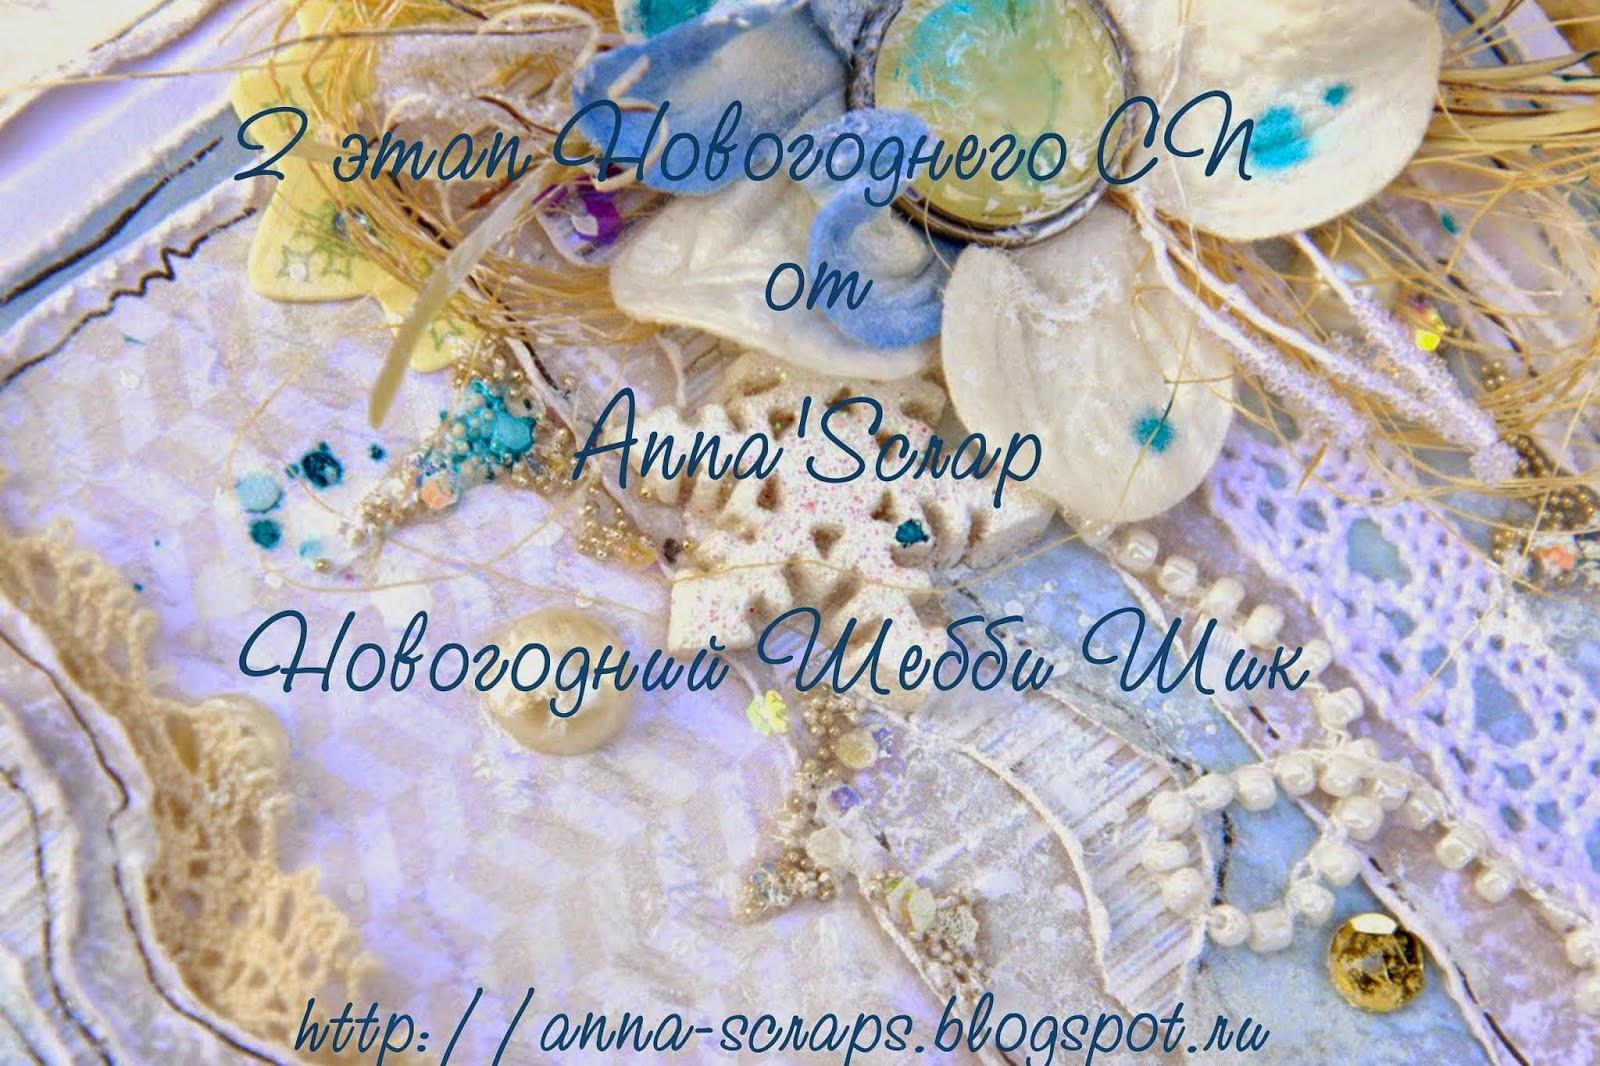 http://anna-scraps.blogspot.ru/2014/11/blog-post.html